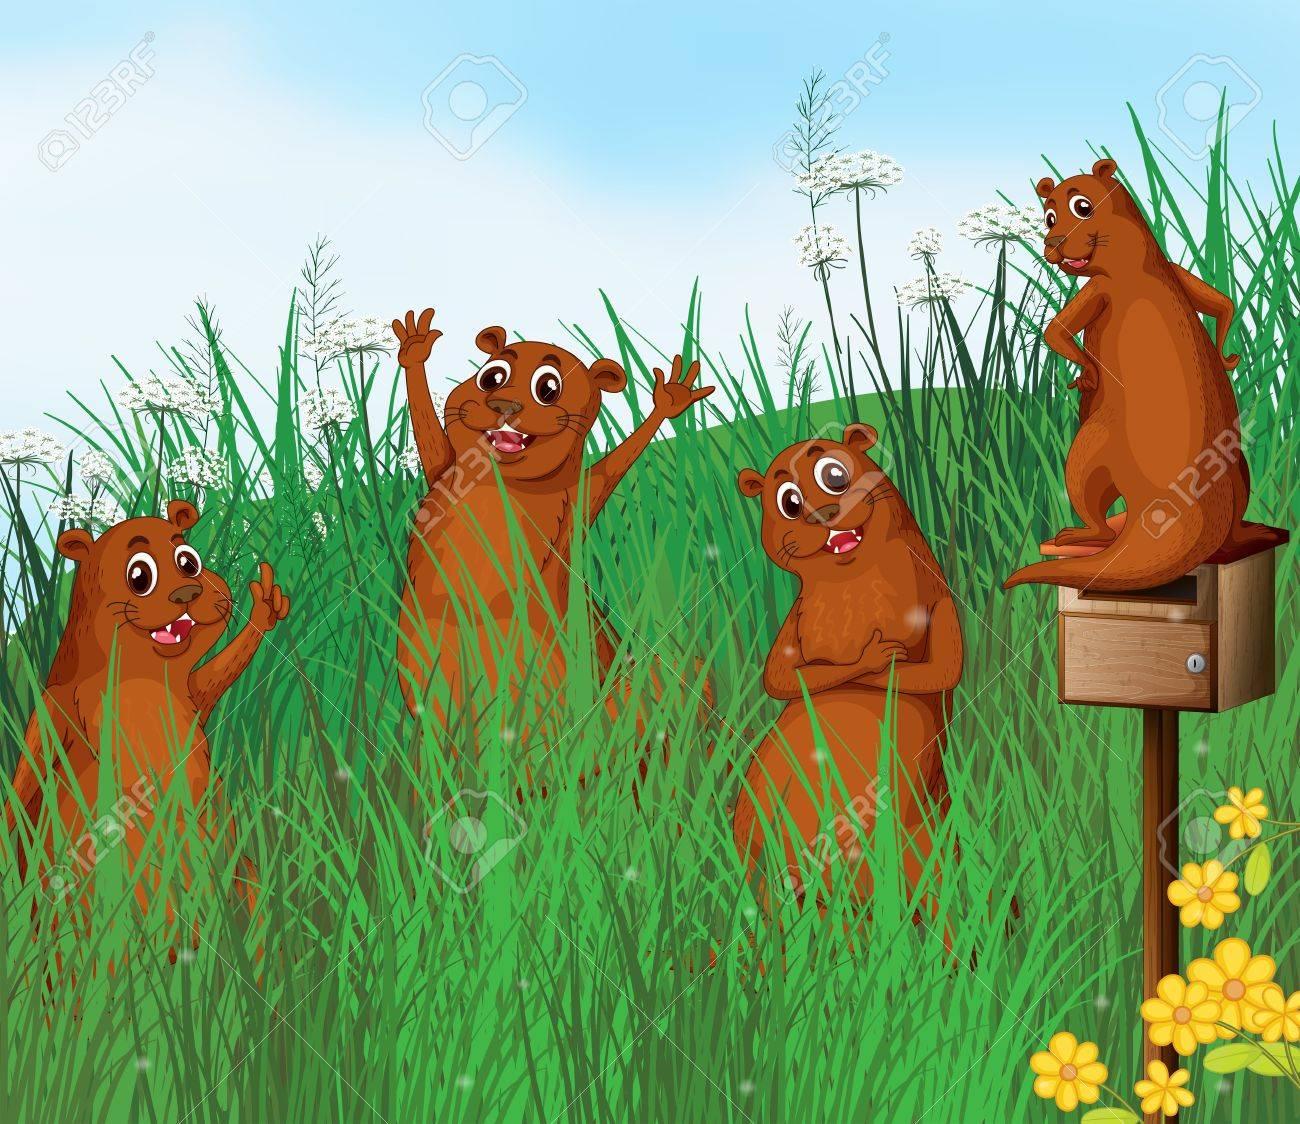 Illustration of wild animals near the hills Stock Vector - 17892449